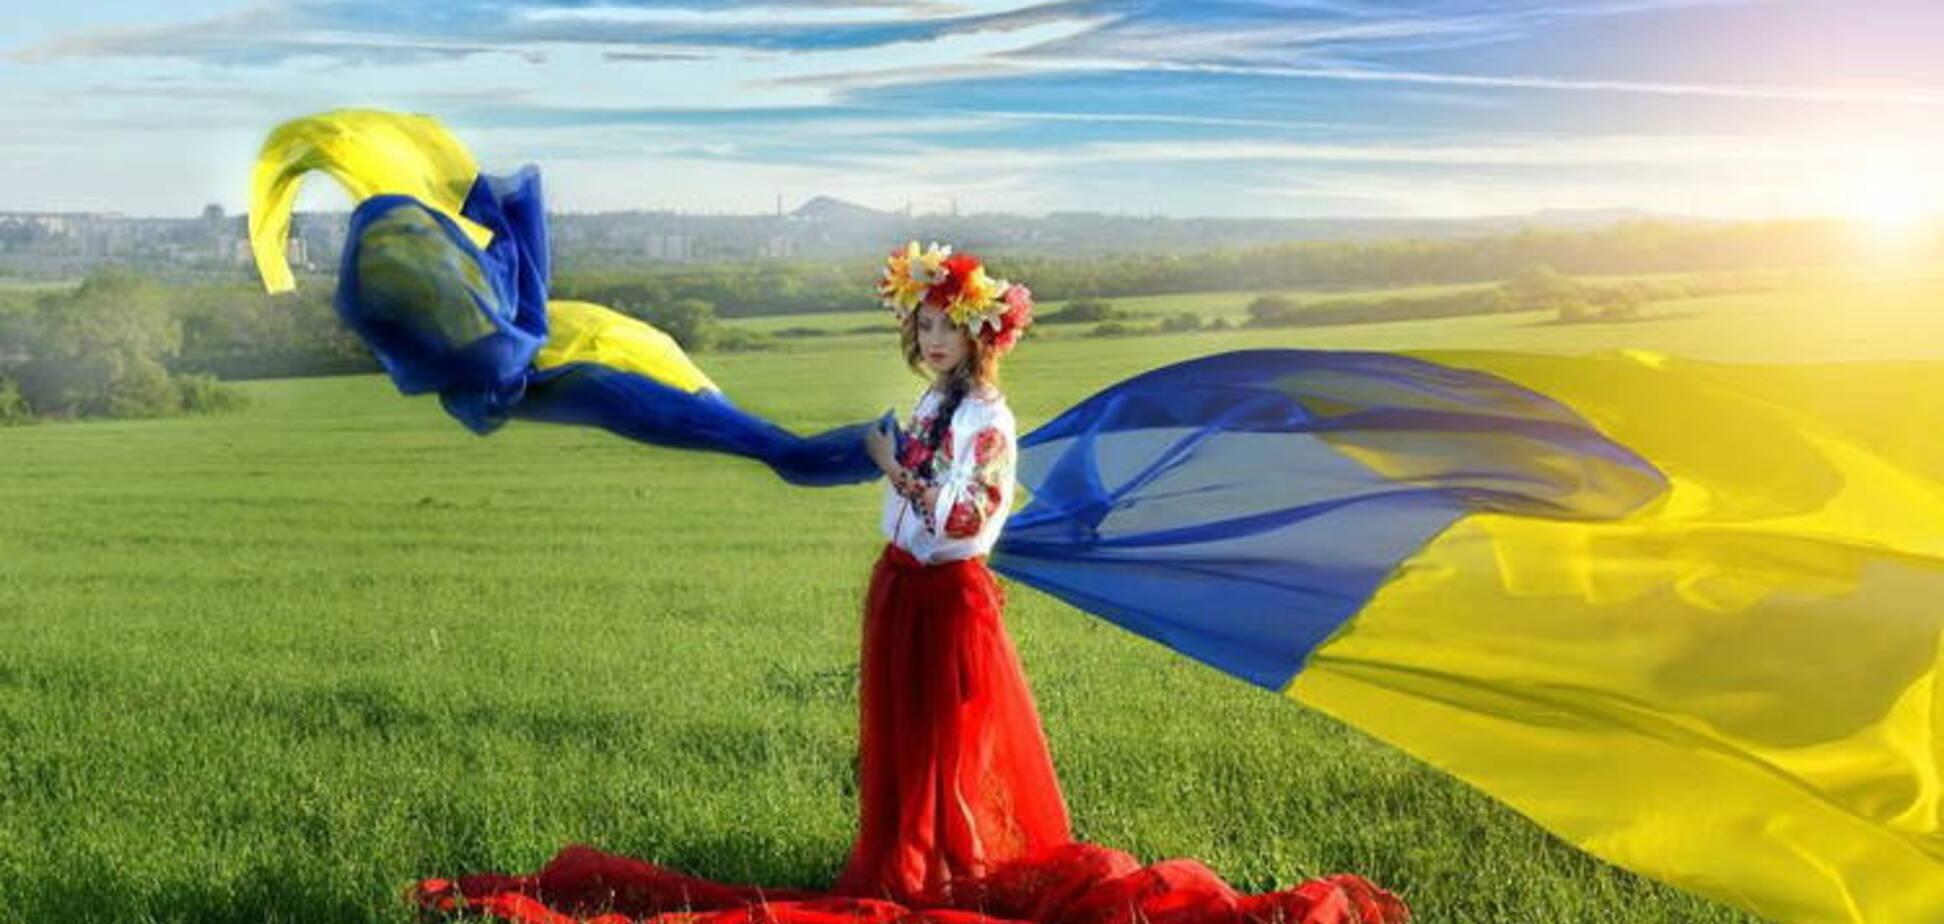 Вихідні на День Конституції України 2020: скільки будемо відпочивати і коли